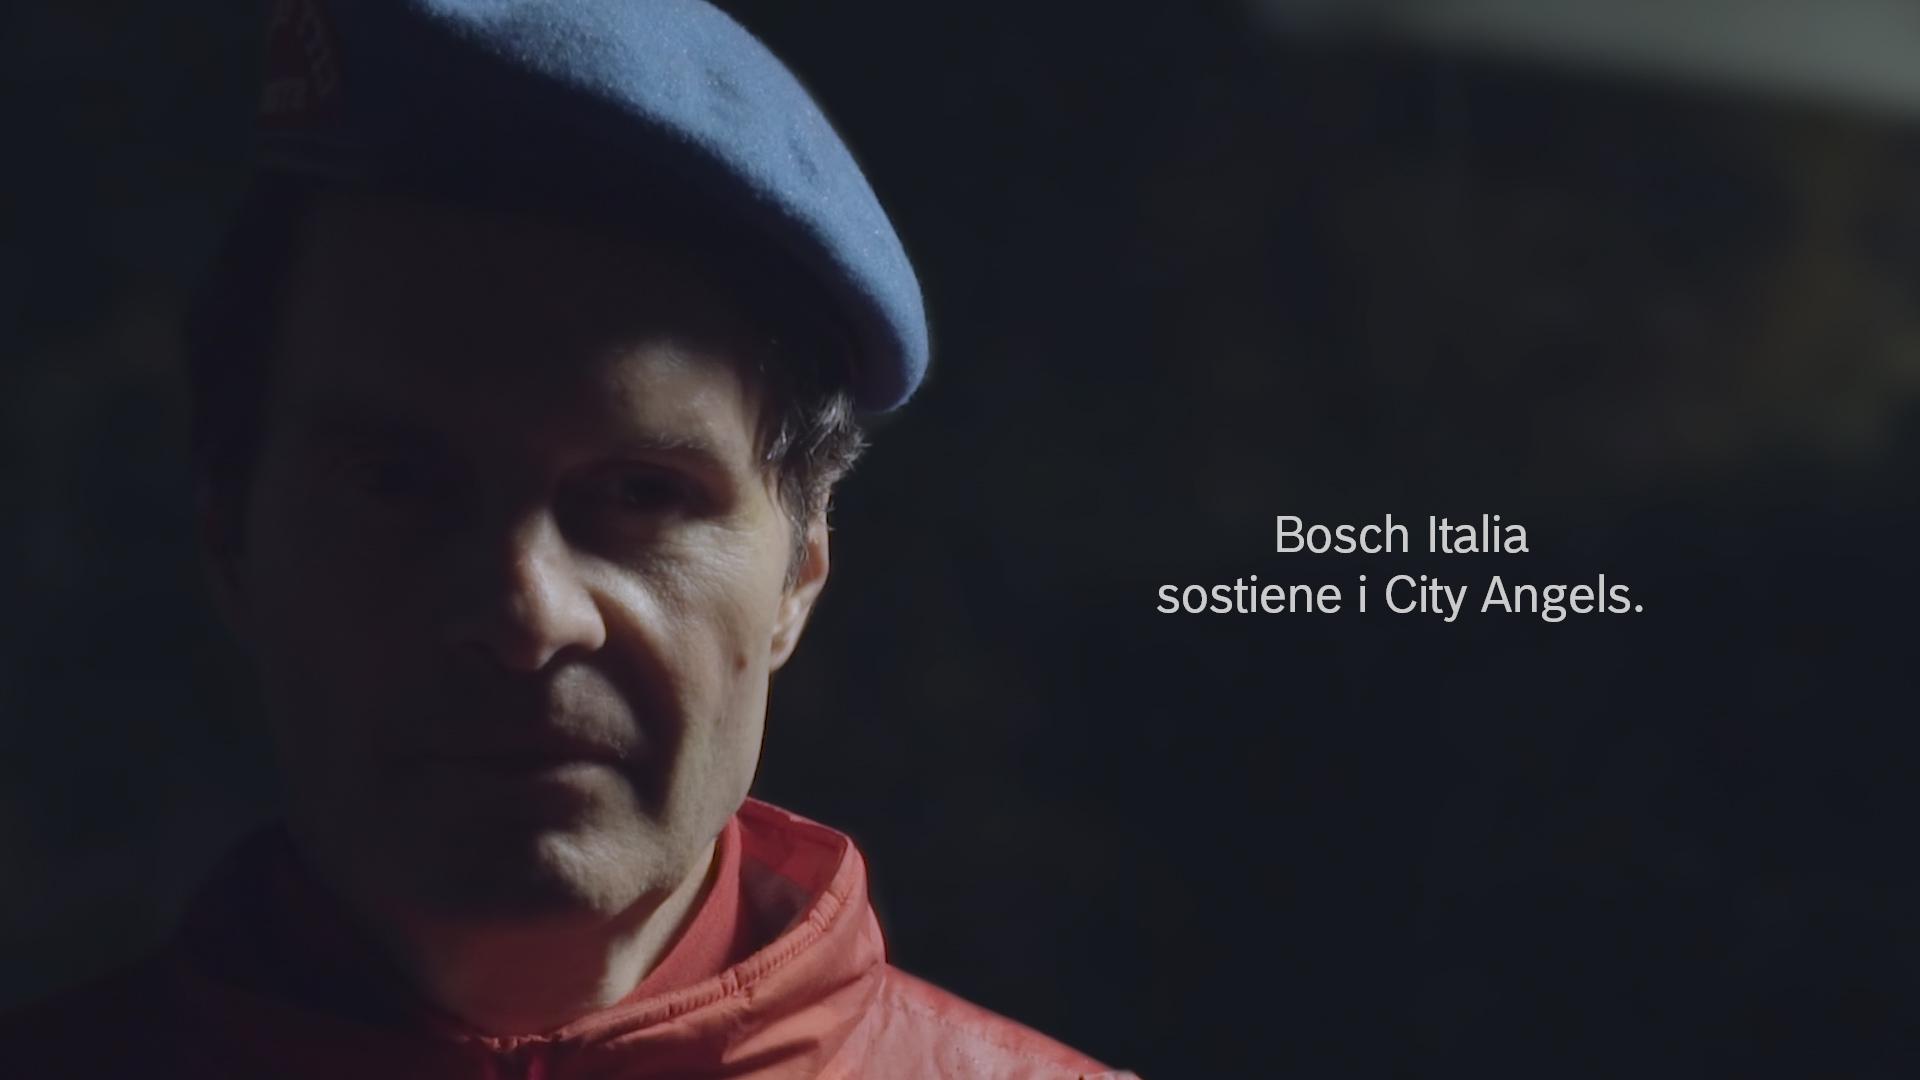 Bosch sostiene i City Angels